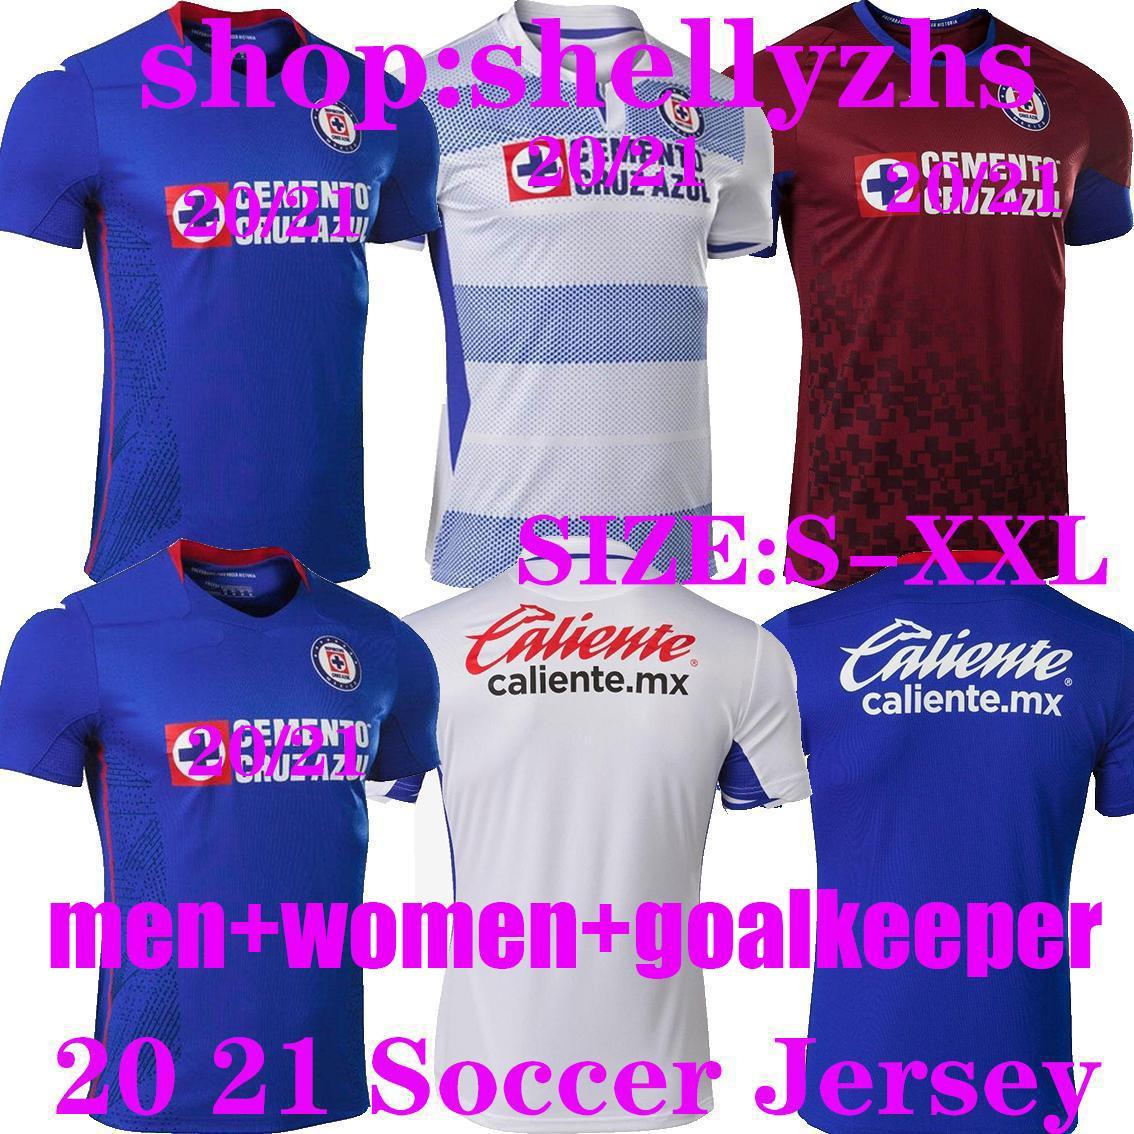 2020 CD Cruz Azul FUTBOL FORMALARI adam kadın 20 21 ALVARADO 25 RODRIGUEZ 21 PINEDA 31 ESCOBAR 24 ROMO 7 JERSEY FUTBOL shirt kaleci